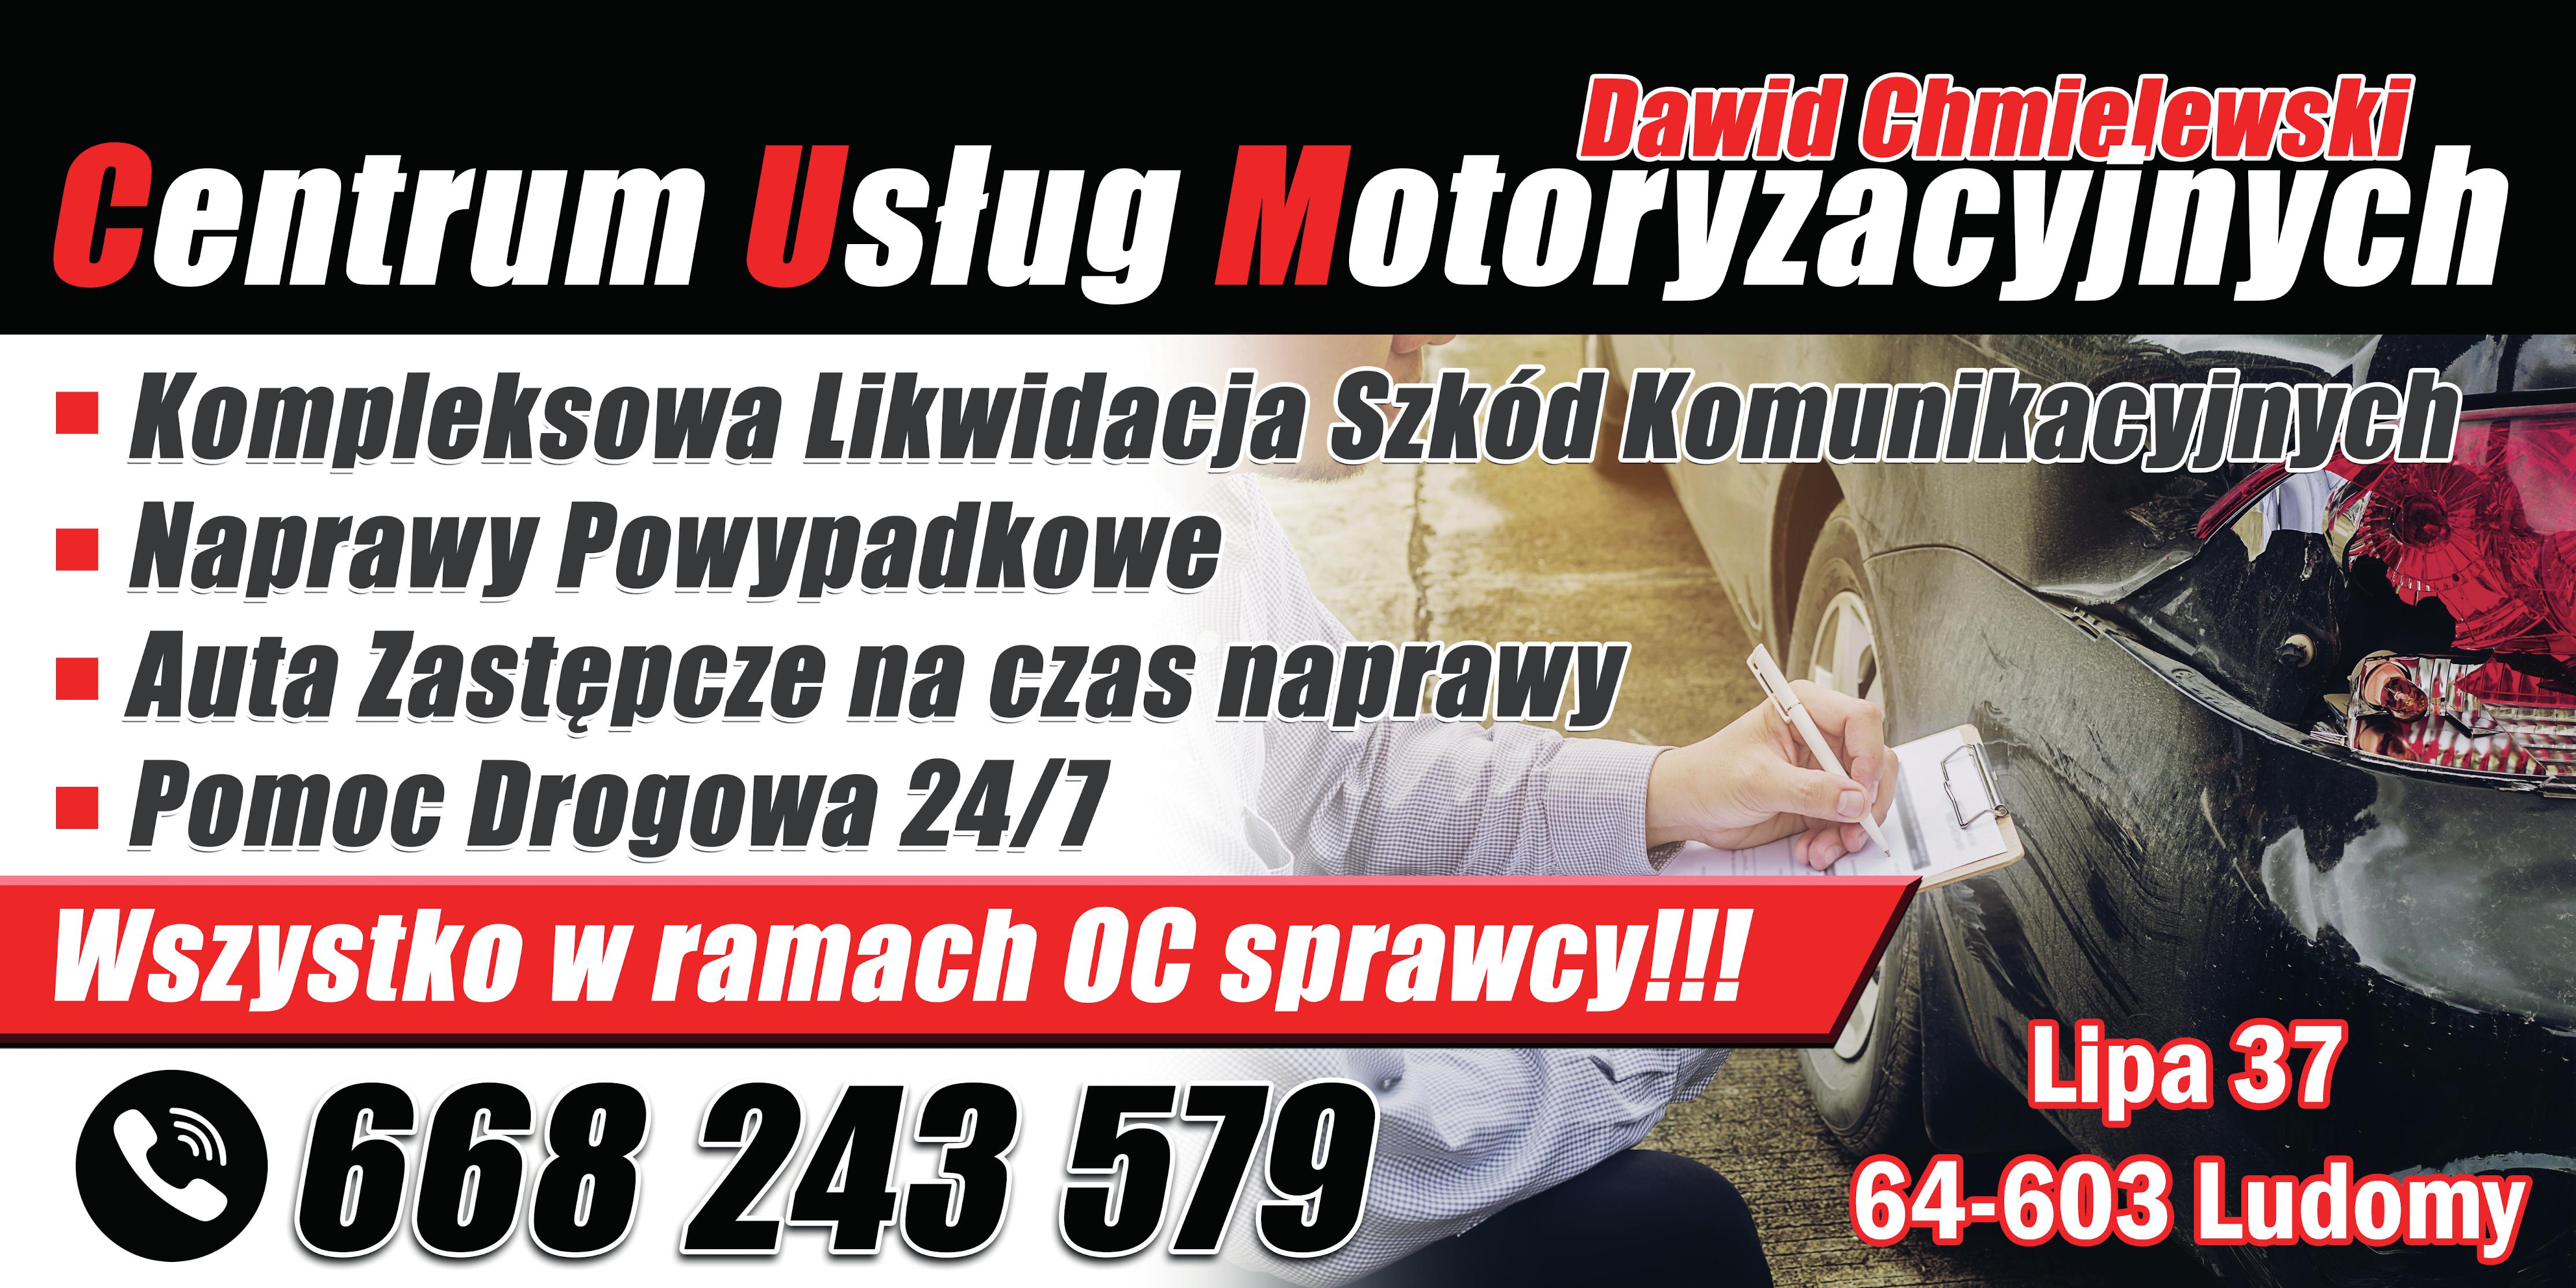 Usługi motoryzacyjne